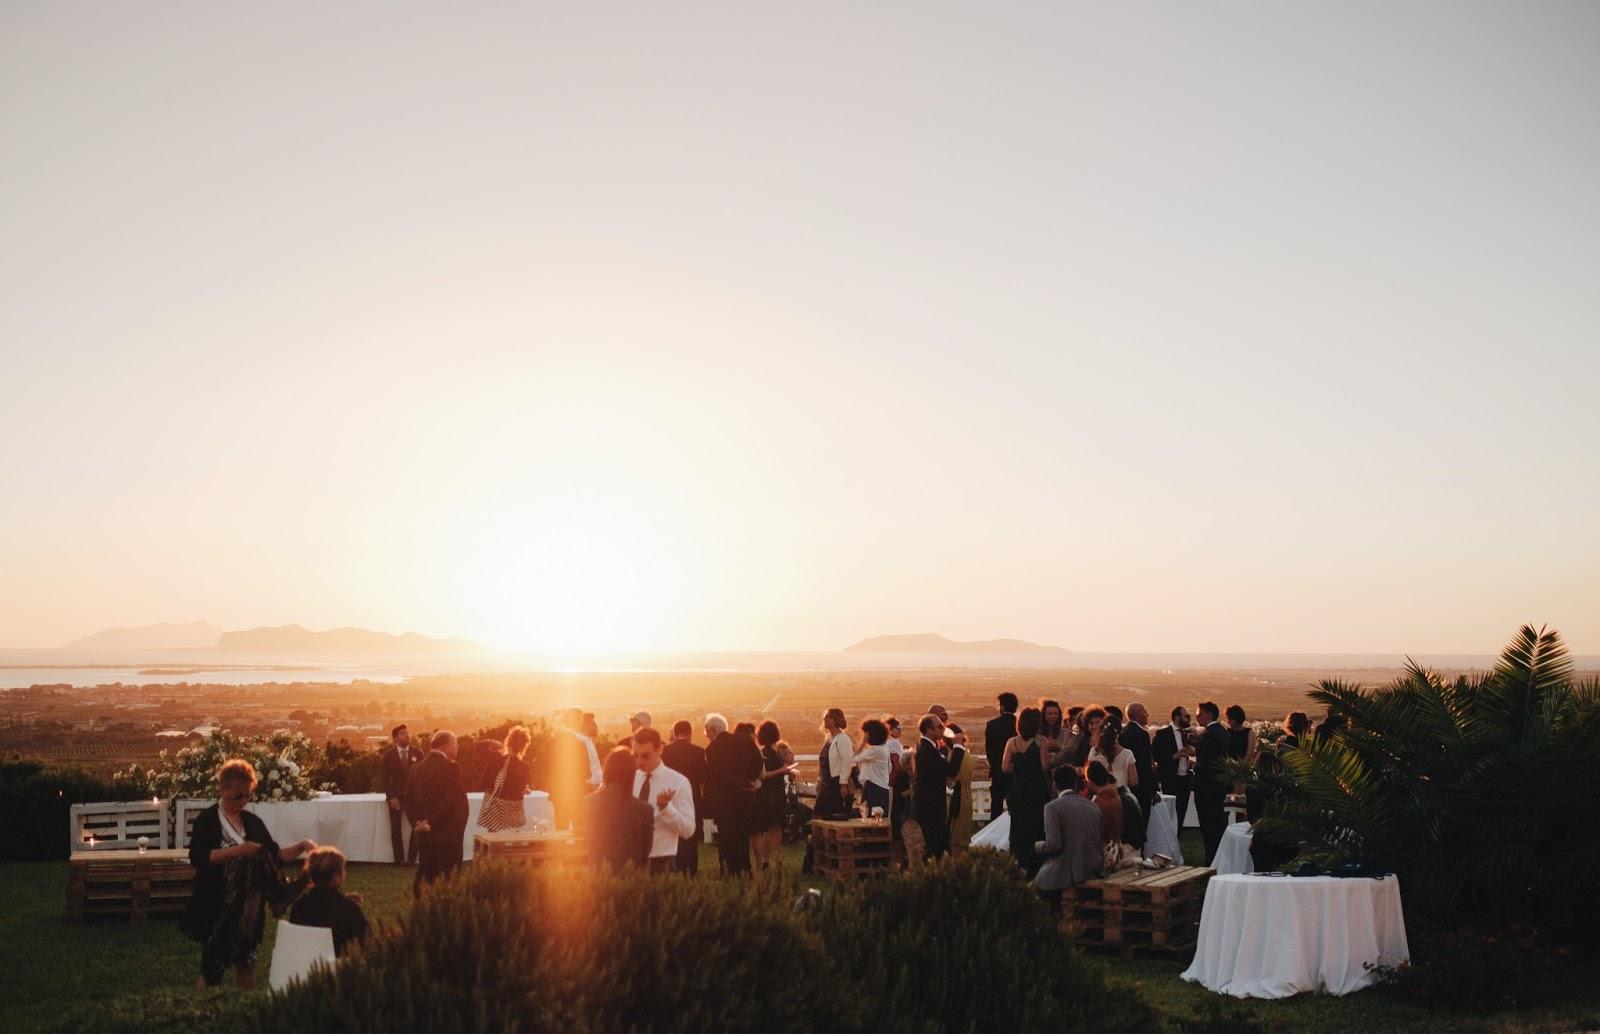 Matrimonio Spiaggia Favignana : Sposine il della sposa un matrimonio di vino in una